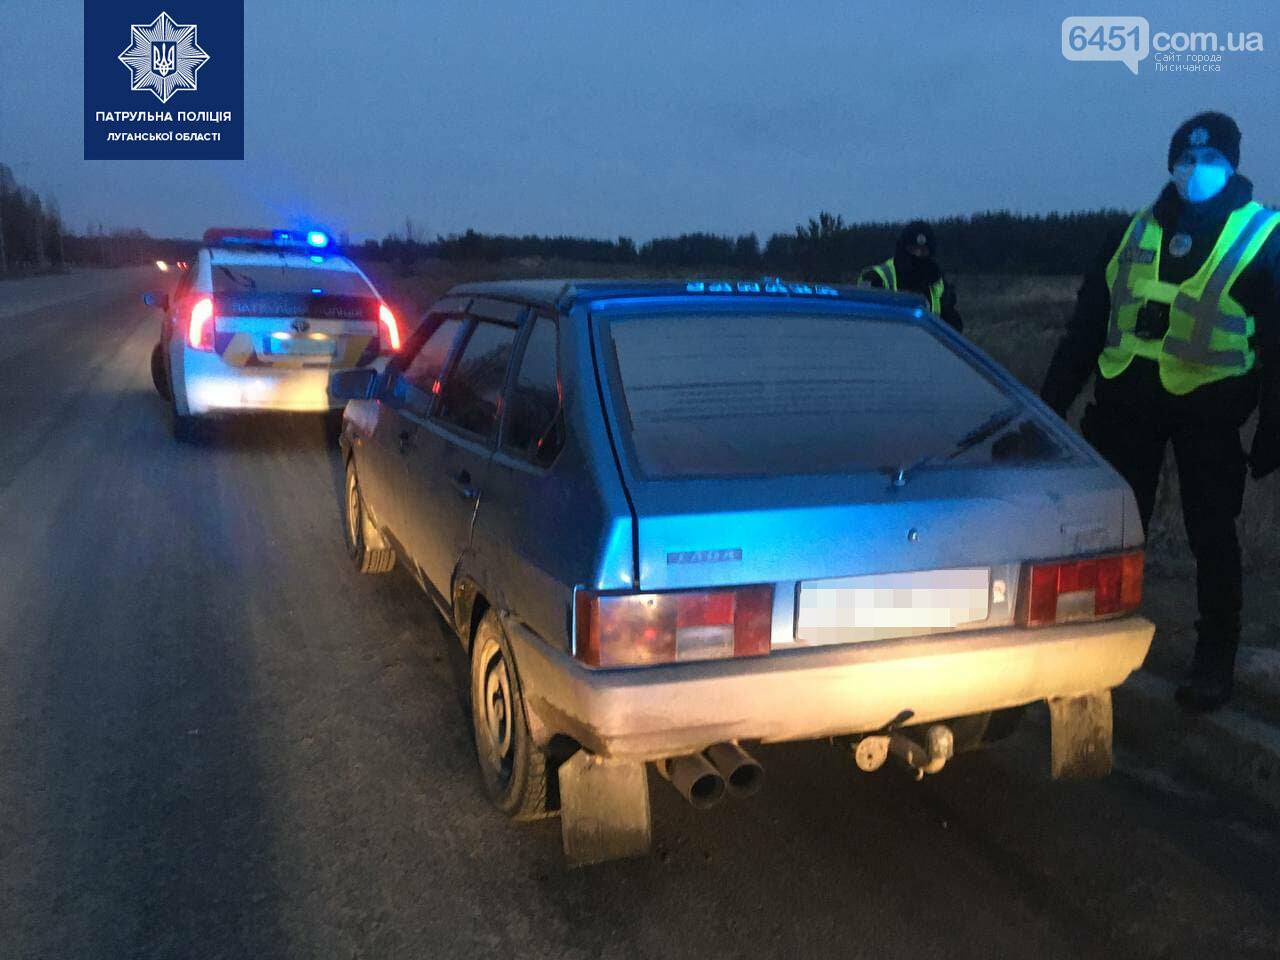 В Рубежном патрульные выявили водителя под наркотическим опьянением, фото-2, Патрульная полиция Луганской области